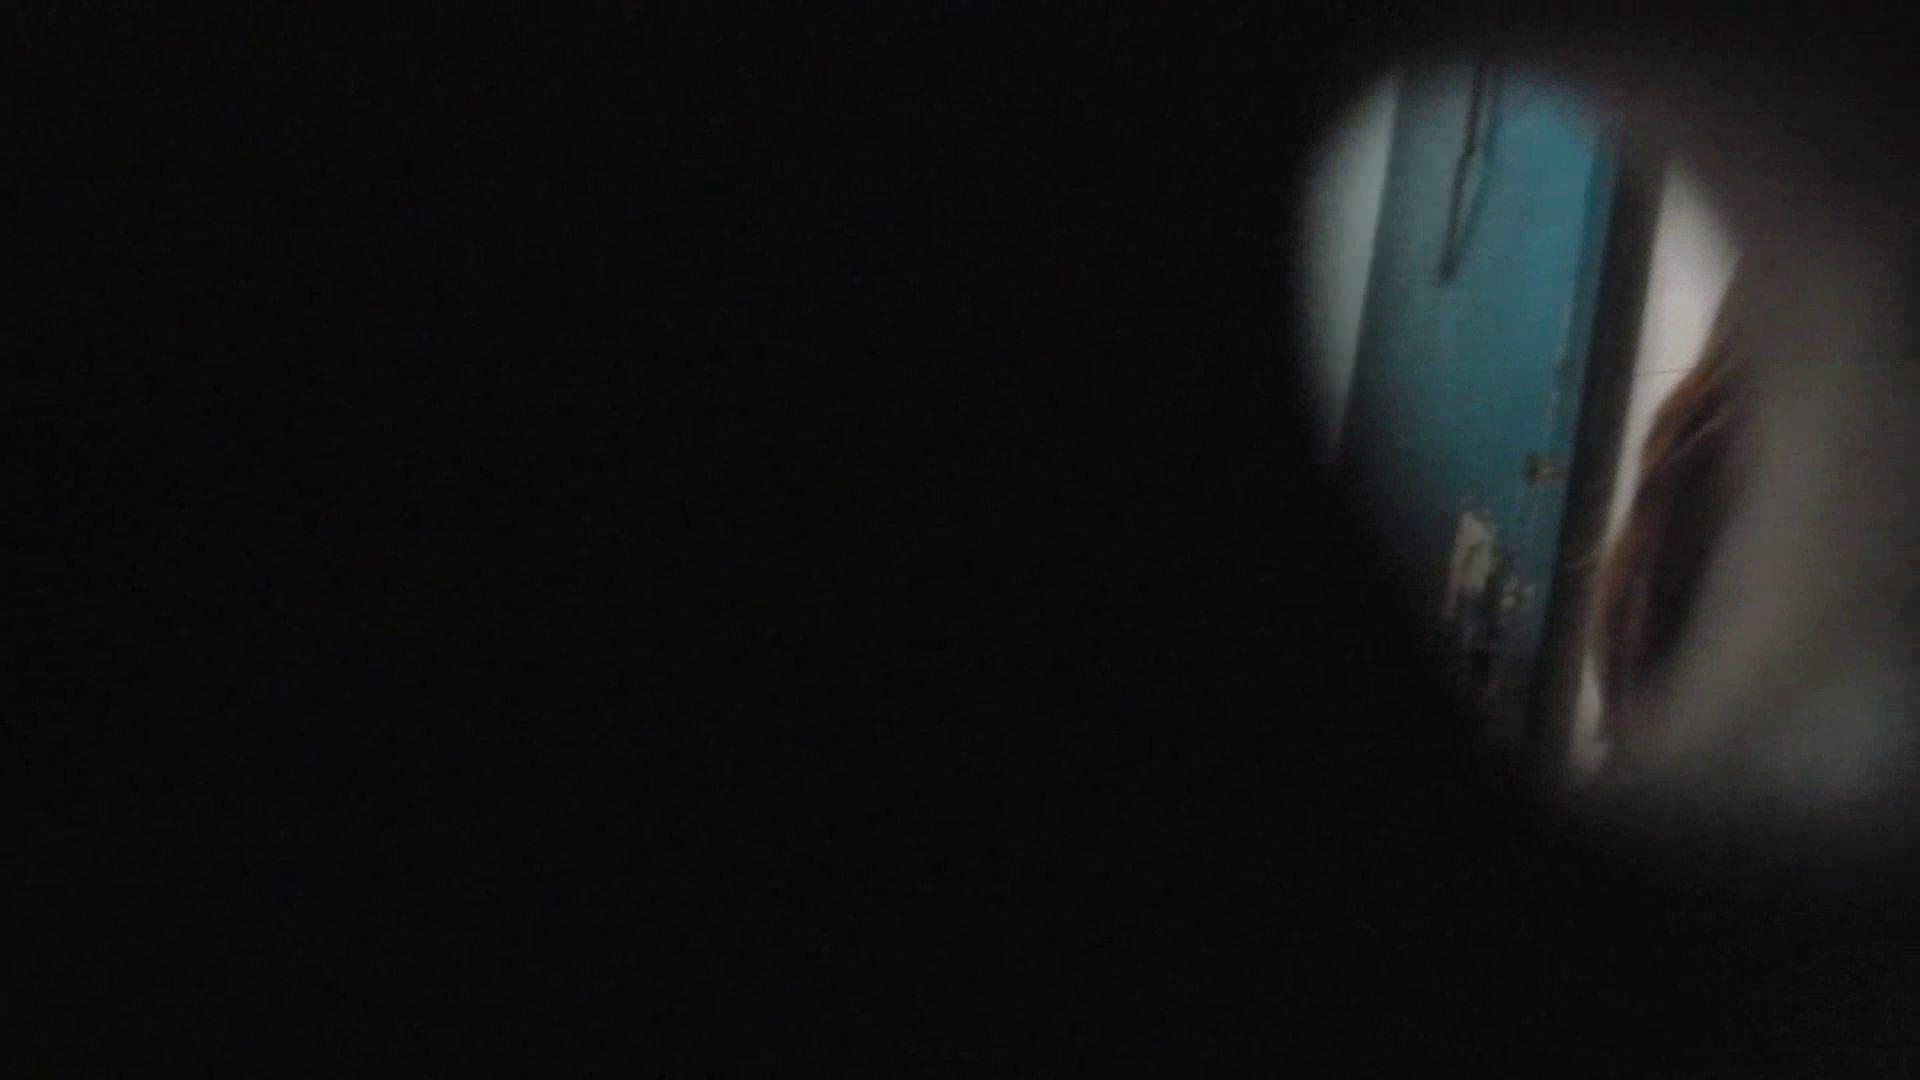 世界の射窓から ステーション編 vol.18 ゴン太 推定600g超過 エッチすぎるOL達 | 0  87連発 35